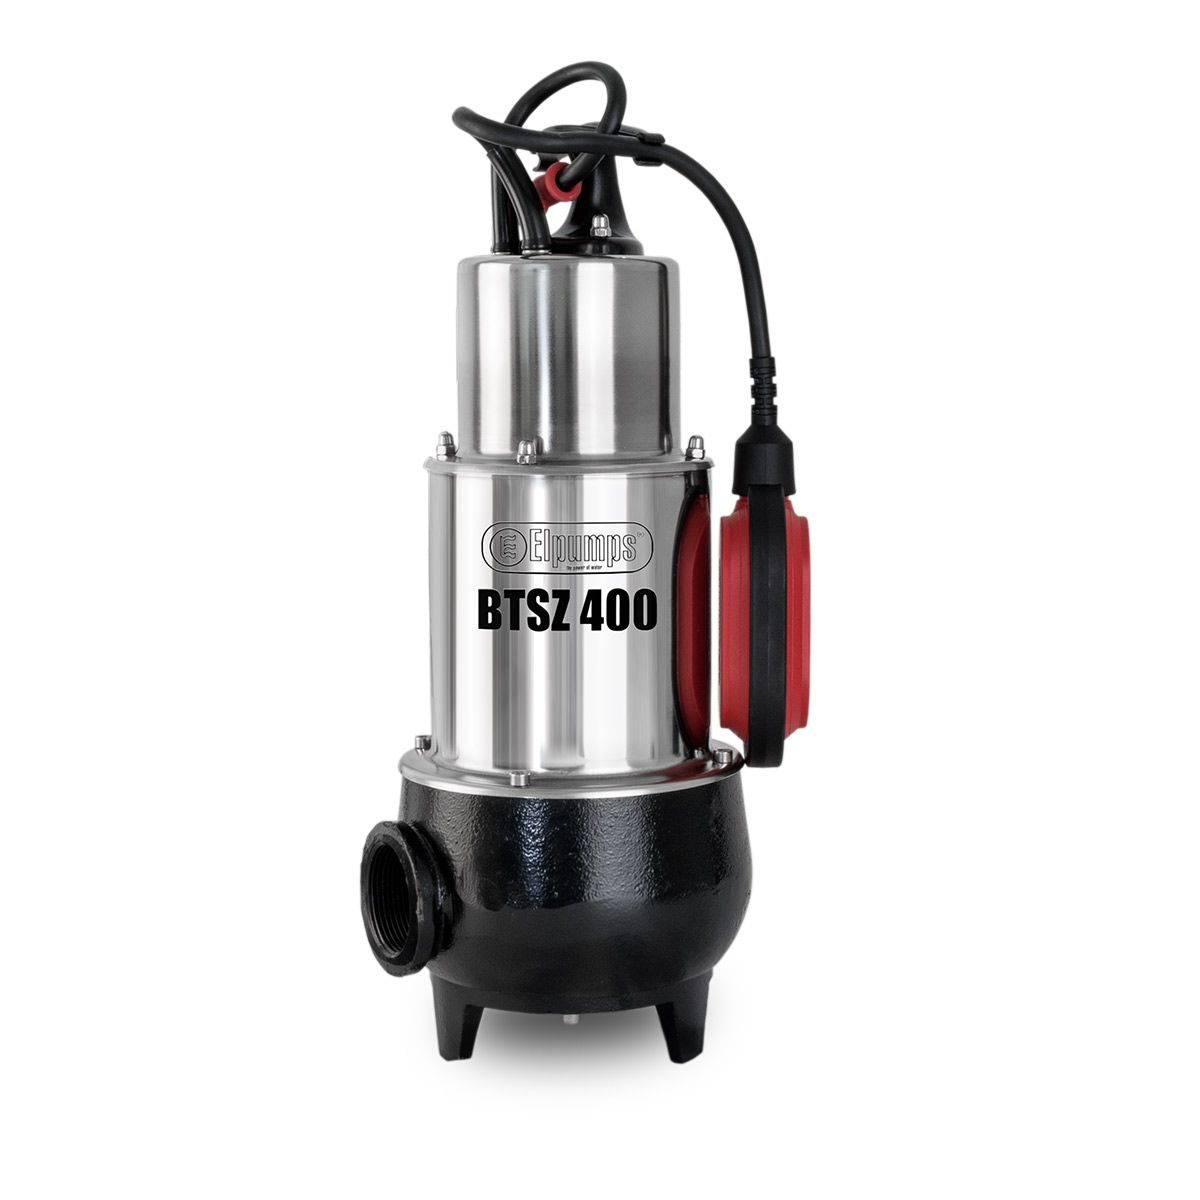 Schmutzwasserpumpe BTSZ 400, H max 10.0 m, Q max 24000 l/h, 1.2 kW, 220 x 185 x 450 mm, 1 1/2' IG, 230 V